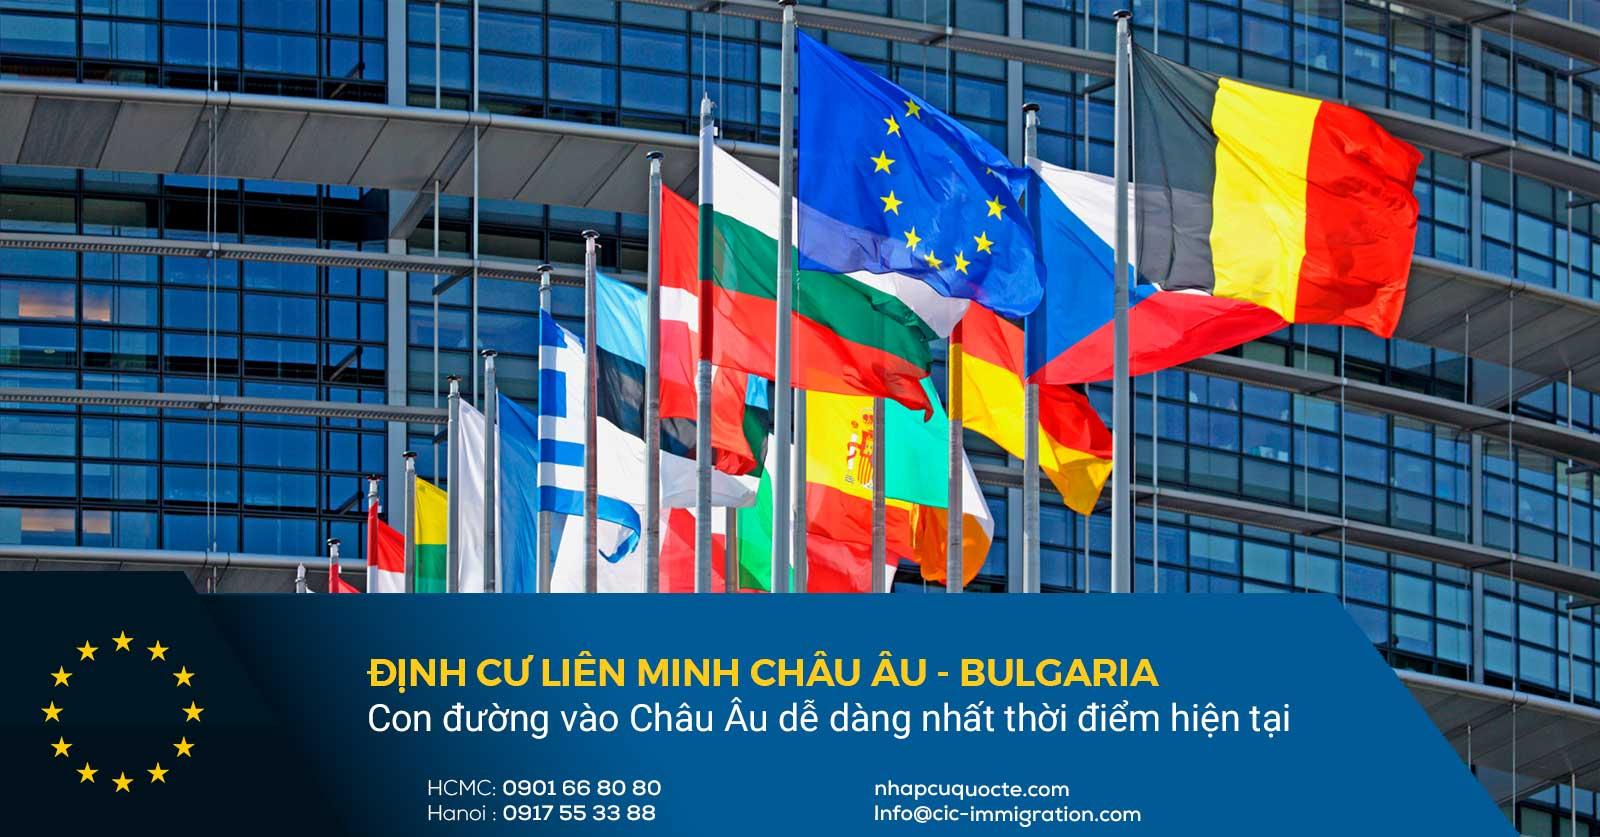 Cập nhật định cư Bulgaria - Con đường vào Châu Âu dễ dàng nhất thời điểm hiện tại